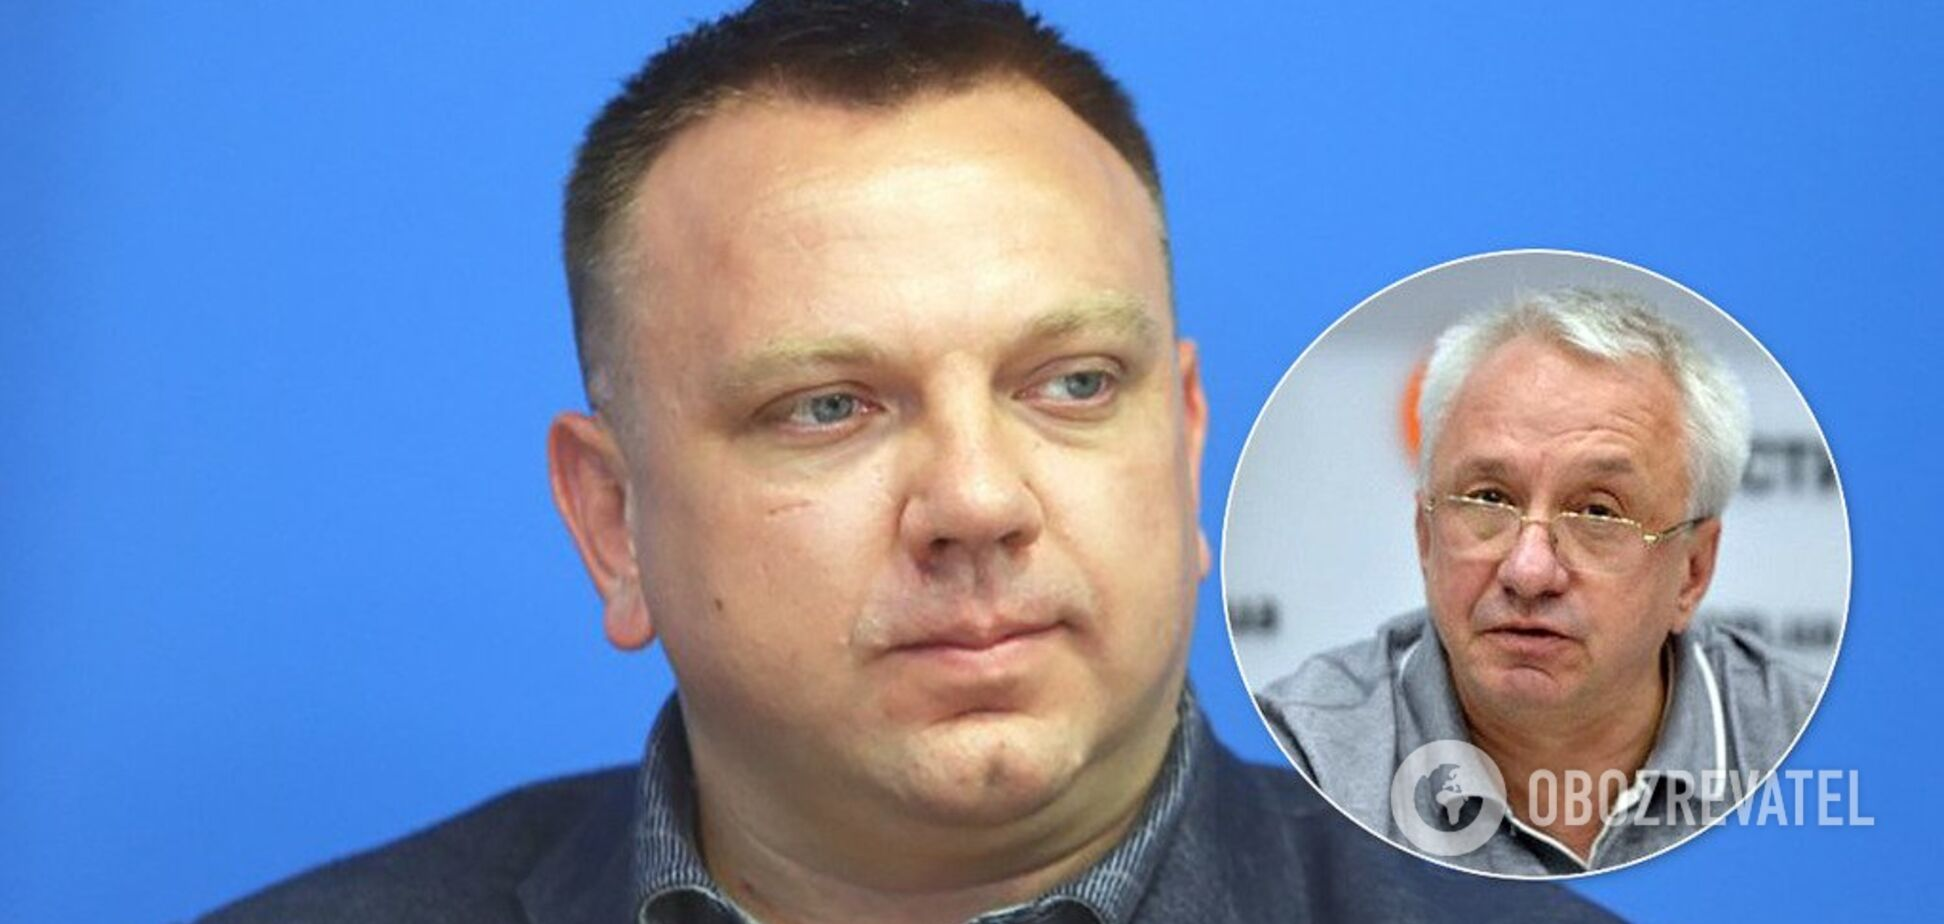 Ткаченко и Кучеренко